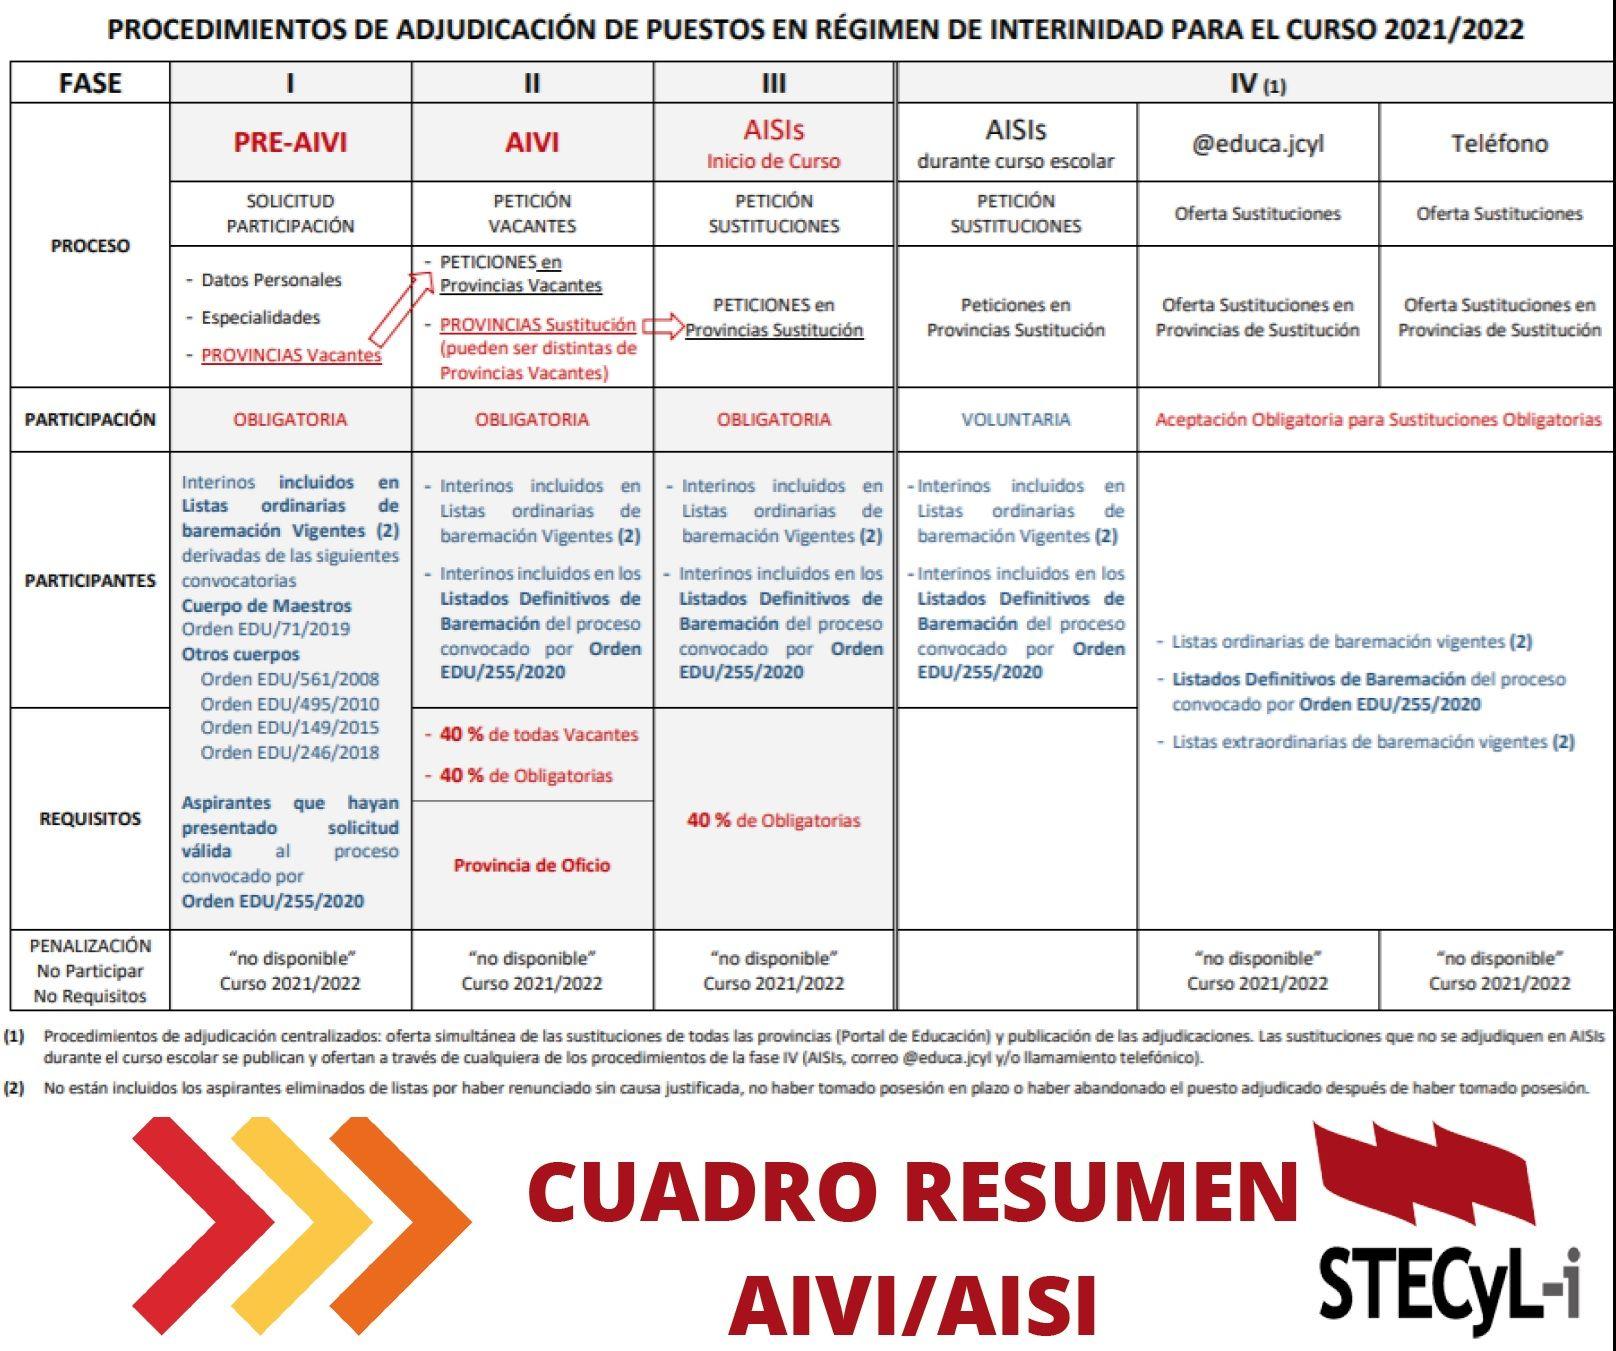 CUADRO-RESUMEN-AIVIAISI